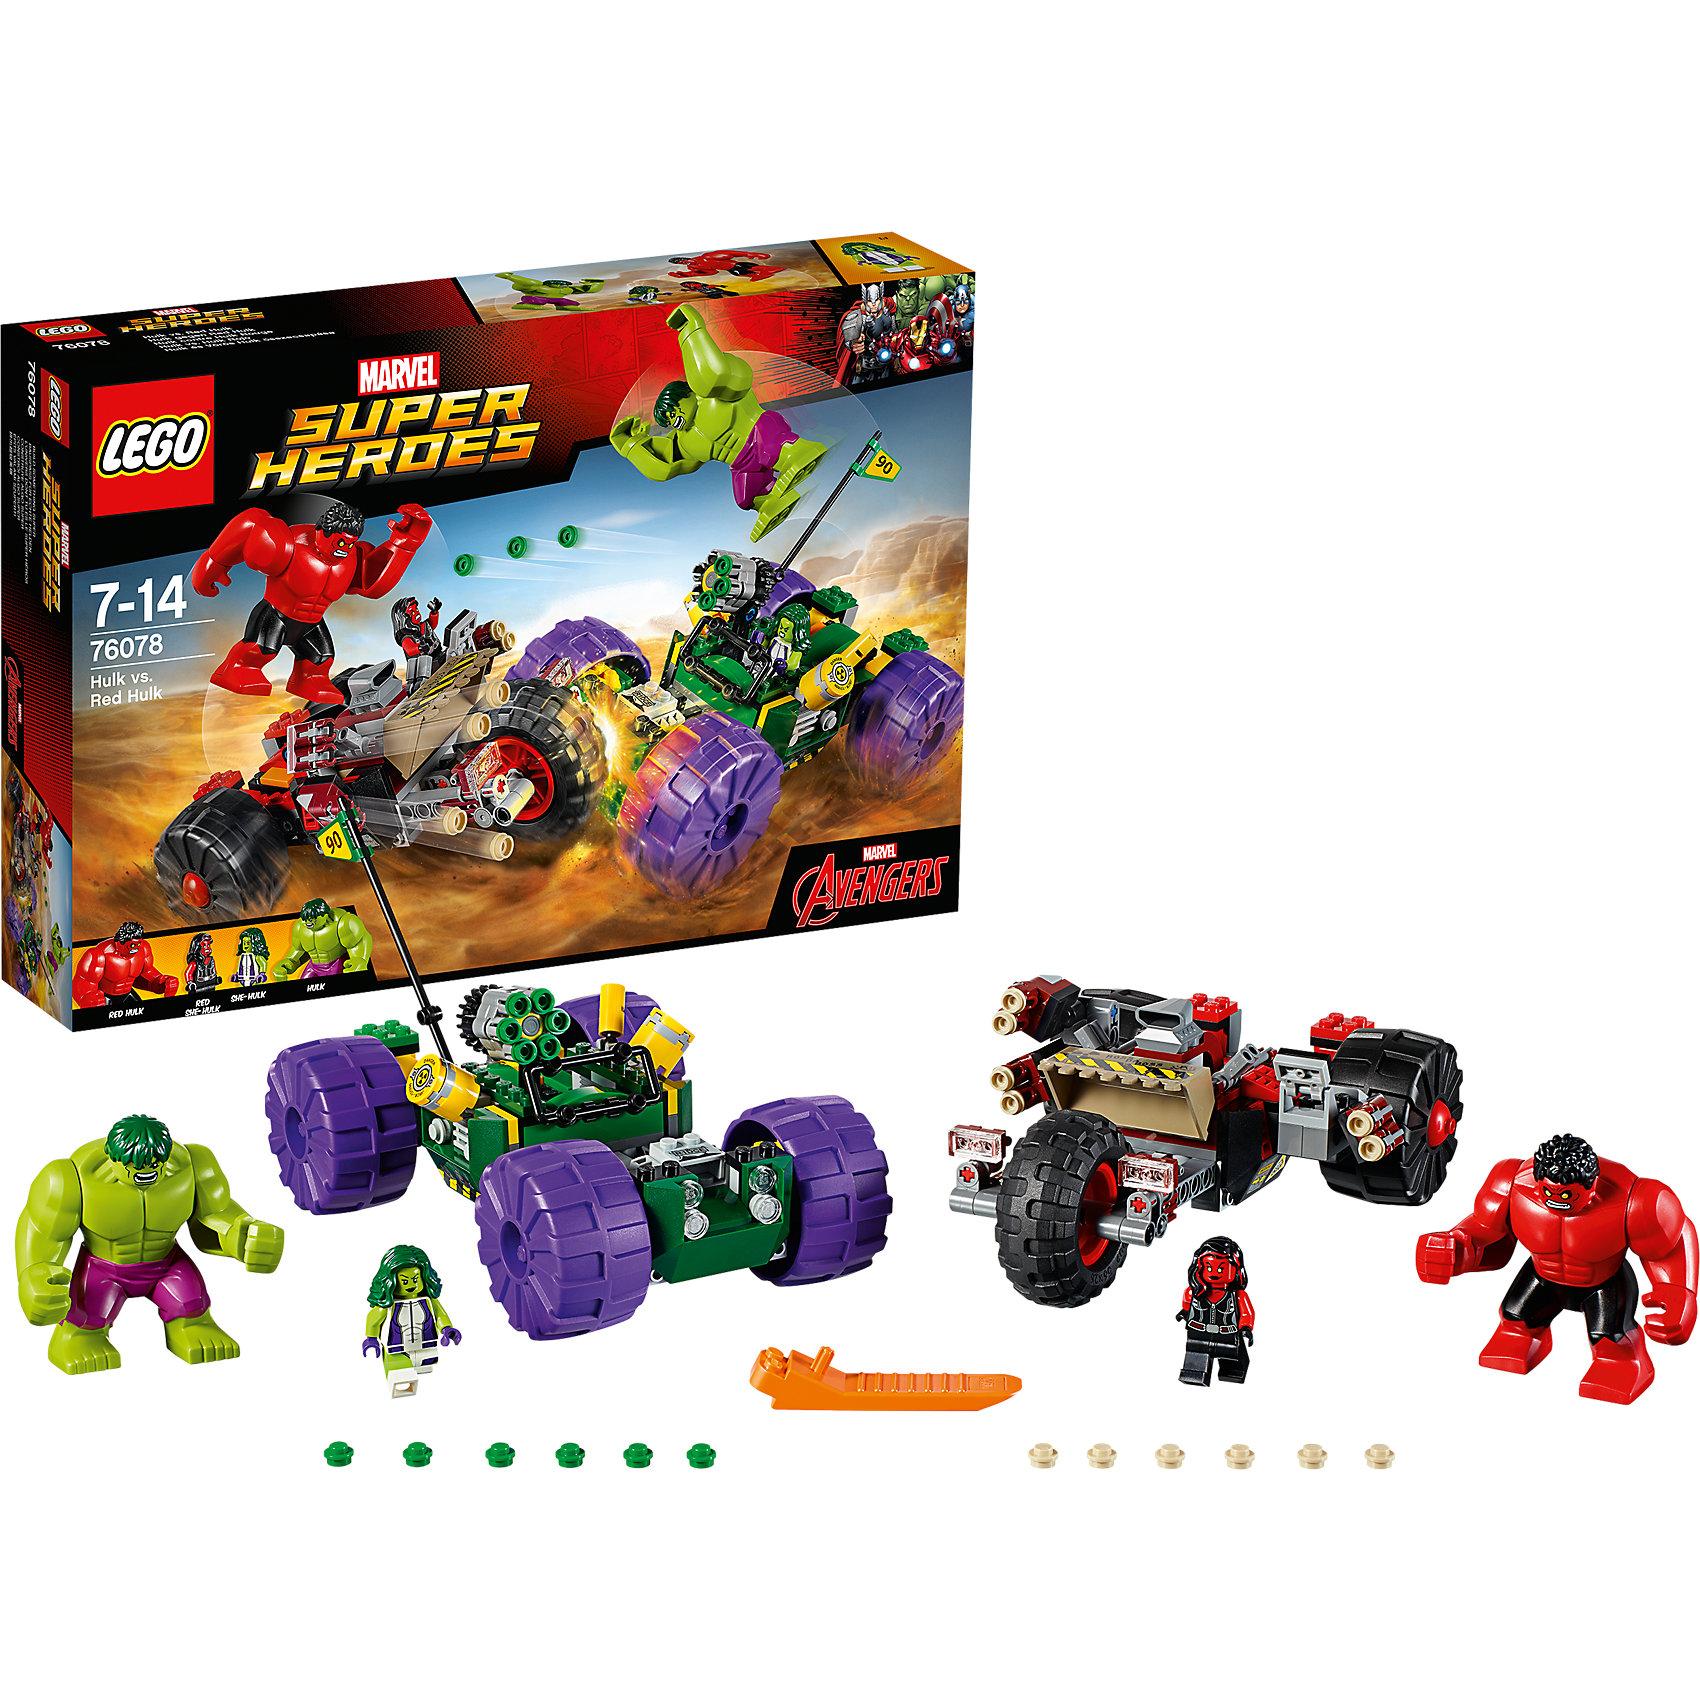 LEGO Super Heroes 76078: Халк против Красного ХалкаПластмассовые конструкторы<br>LEGO Super Heroes 76078: Халк против Красного Халка<br><br>Характеристики:<br><br>- в набор входит: детали двух транспортных средств, 2 Халка, 2 минифигурки, книга комиксов аксессуары, инструкция по сборке<br>- минифигурки набора: женщина-Халк, Красная женщина-Халк<br>- состав: пластик<br>- количество деталей: 375<br>- размер упаковки: 14 * 12 * 5 см.<br>- размер внедорожника Халка: 19 * 11 * 14 см.<br>- размер внедорожника Красного Халка: 19 * 7 * 14 см.<br>- для детей в возрасте: от 7 до 14 лет<br>- Страна производитель: Дания/Китай/Чехия<br><br>Легендарный конструктор LEGO (ЛЕГО) представляет серию «Marvel Super Heroes» (Супер герои) по сюжетам фильмов и мультфильмов о супергероях. Этот набор понравится любителям комиксов Marvel, мультфильмов и фильмов о Халке. <br><br>Две минифигурки набора выглядят потрясающе со своими рельефными и реалистичными прическами, комбинированным пластиком разных цветов и отличными рисунками на теле и на ногах фигурок, обе минифигурки имеют по два выражения лица. Большие фигурки набора выглядят ярко, очень качественно проработаны, в их разработке были использованы уникальные детали не встречающиеся в других наборах. <br><br>В своем противостоянии соперники сели за руль машин, создав невероятные сцены погони и битвы. Каждая из машин оснащена заводным механизмом и движется самостоятельно, при столкновении двух машин Халки выпрыгивают друг на друга в битве. Машина Красного Халка оснащена шестью пушками, стреляющими снарядами с помощью механизма, в машине Зеленого Халка установлена шестиснарядная пушка, также с механизмом стрельбы. Оба внедорожника готовы сразиться на любом поле боя, но кто же победит? Решать тебе! <br><br>Играя с конструктором ребенок развивает моторику рук, воображение и логическое мышление, научится собирать по инструкции и создавать свои модели. Придумывайте новые истории любимых героев с набором LEGO «Marvel Super Heroes»!<br><br>Констру